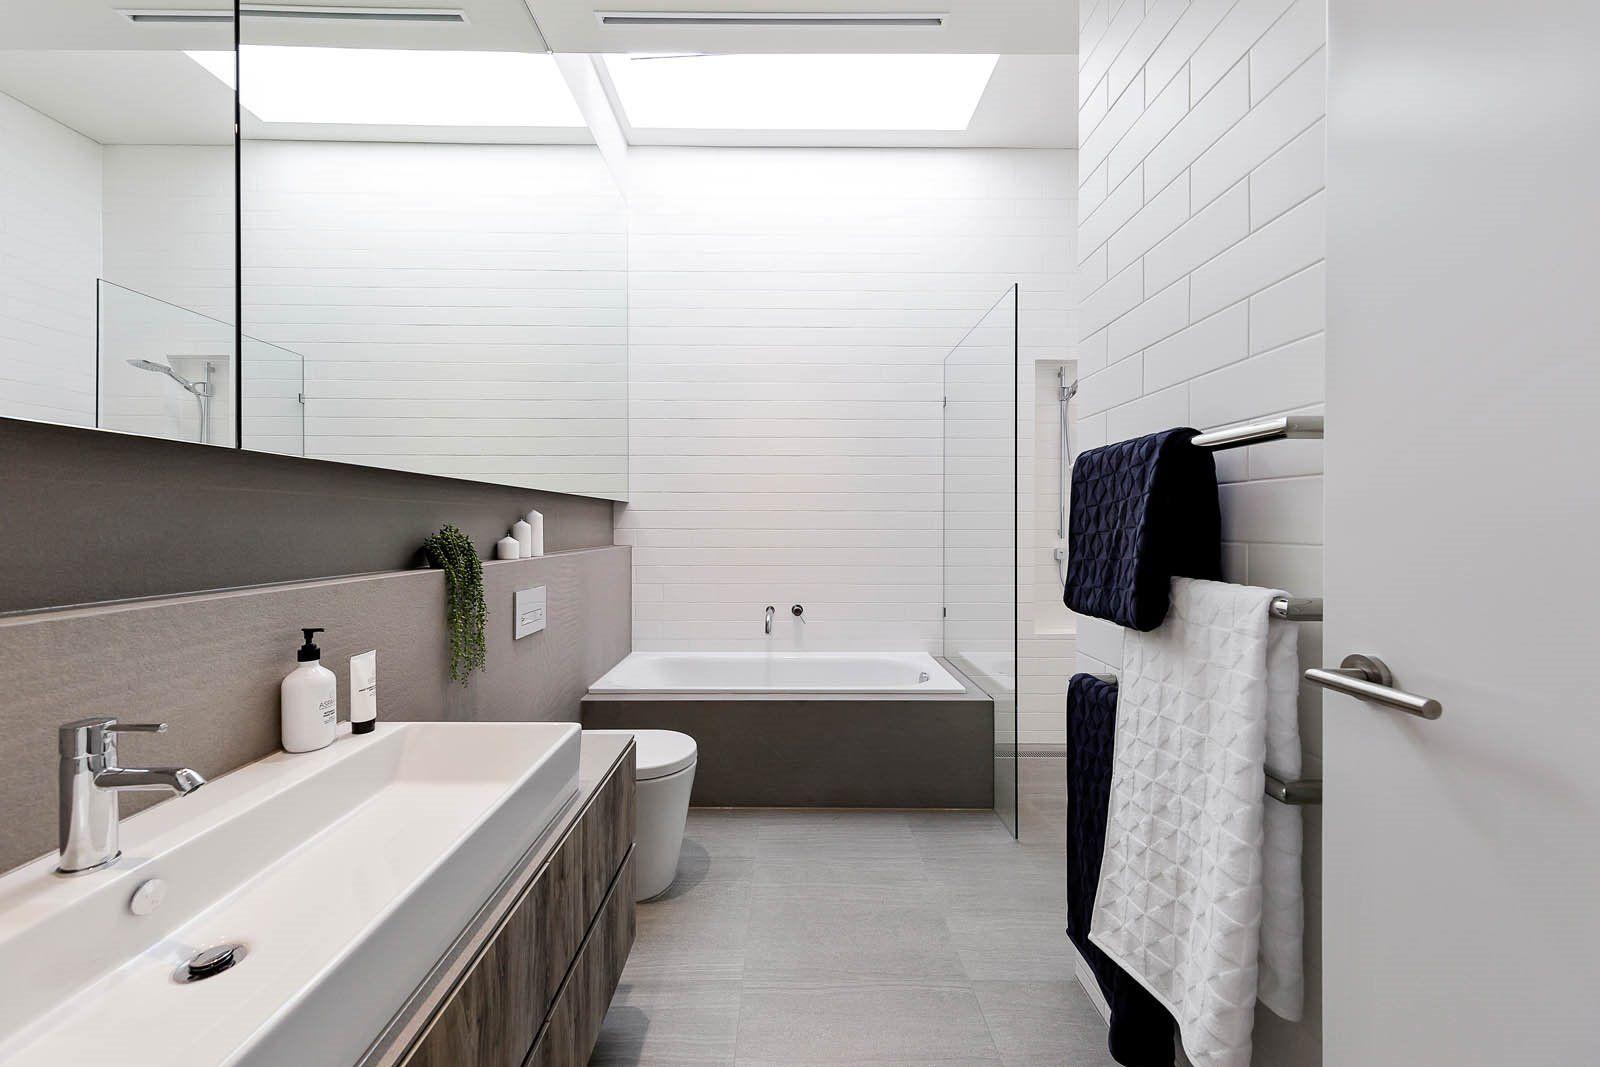 Diseño de interiores y decoración para baños de estilo moderno y minimalista en tonos neutros